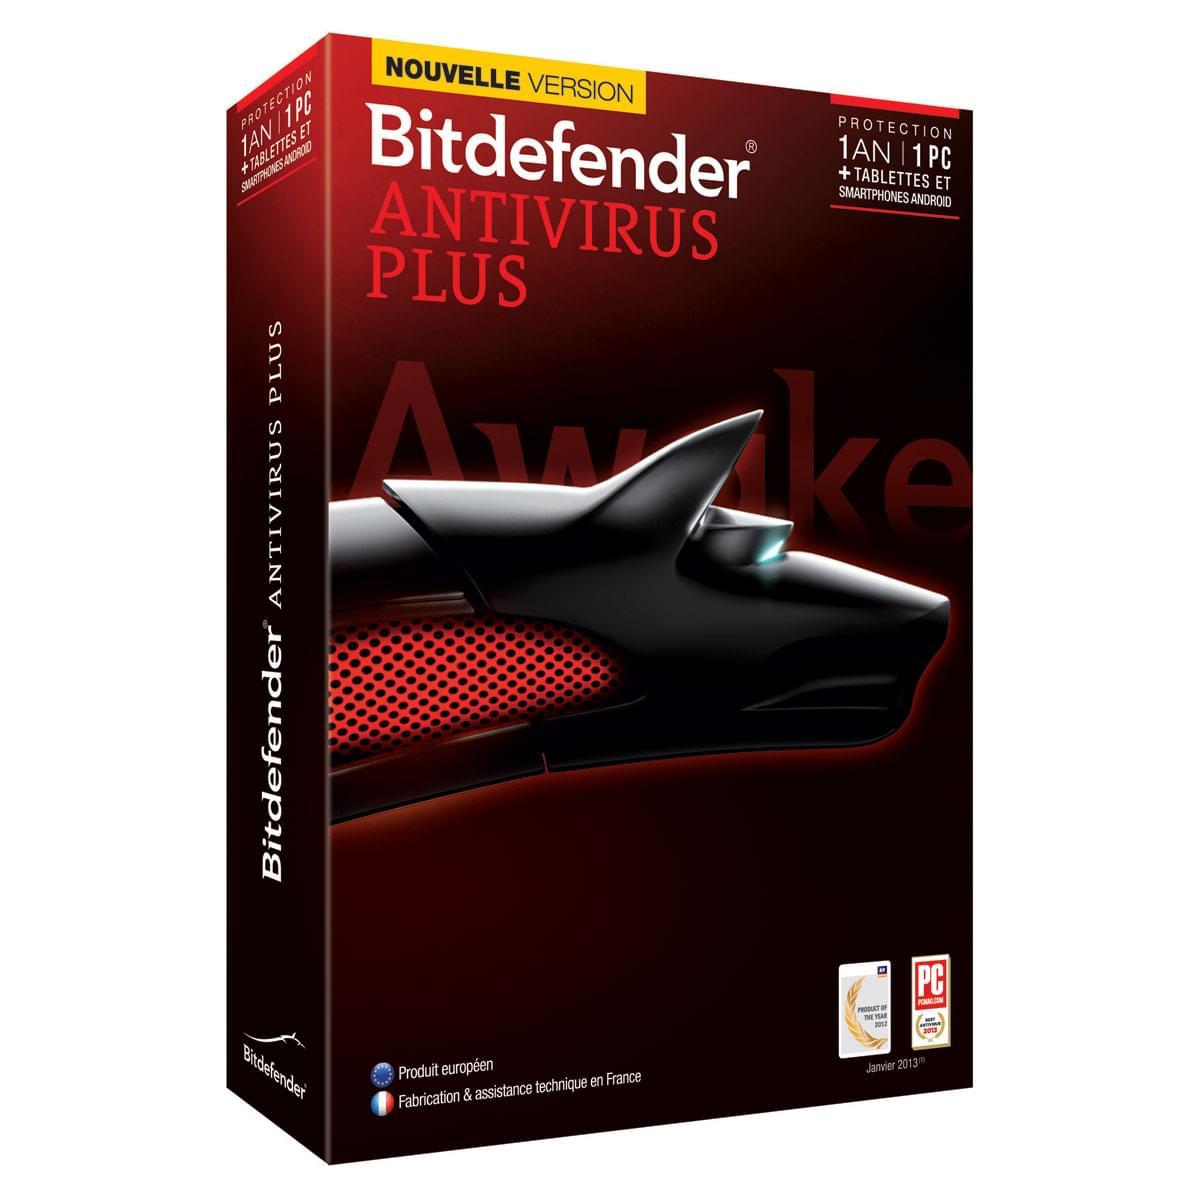 Bitdefender Antivirus Plus 2014 (B-FBDAVP4X2P003) - Achat / Vente Logiciel sécurité sur Cybertek.fr - 0